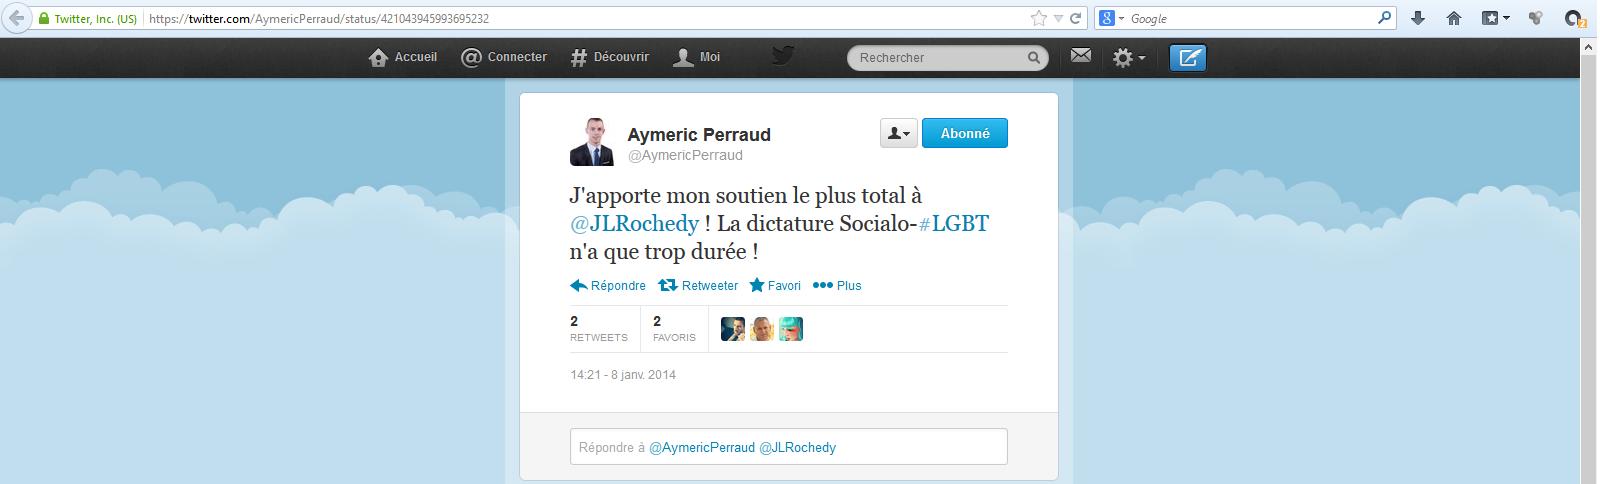 Aymeric-Perraud-08-01-14-Dictature-socialo-LGBT